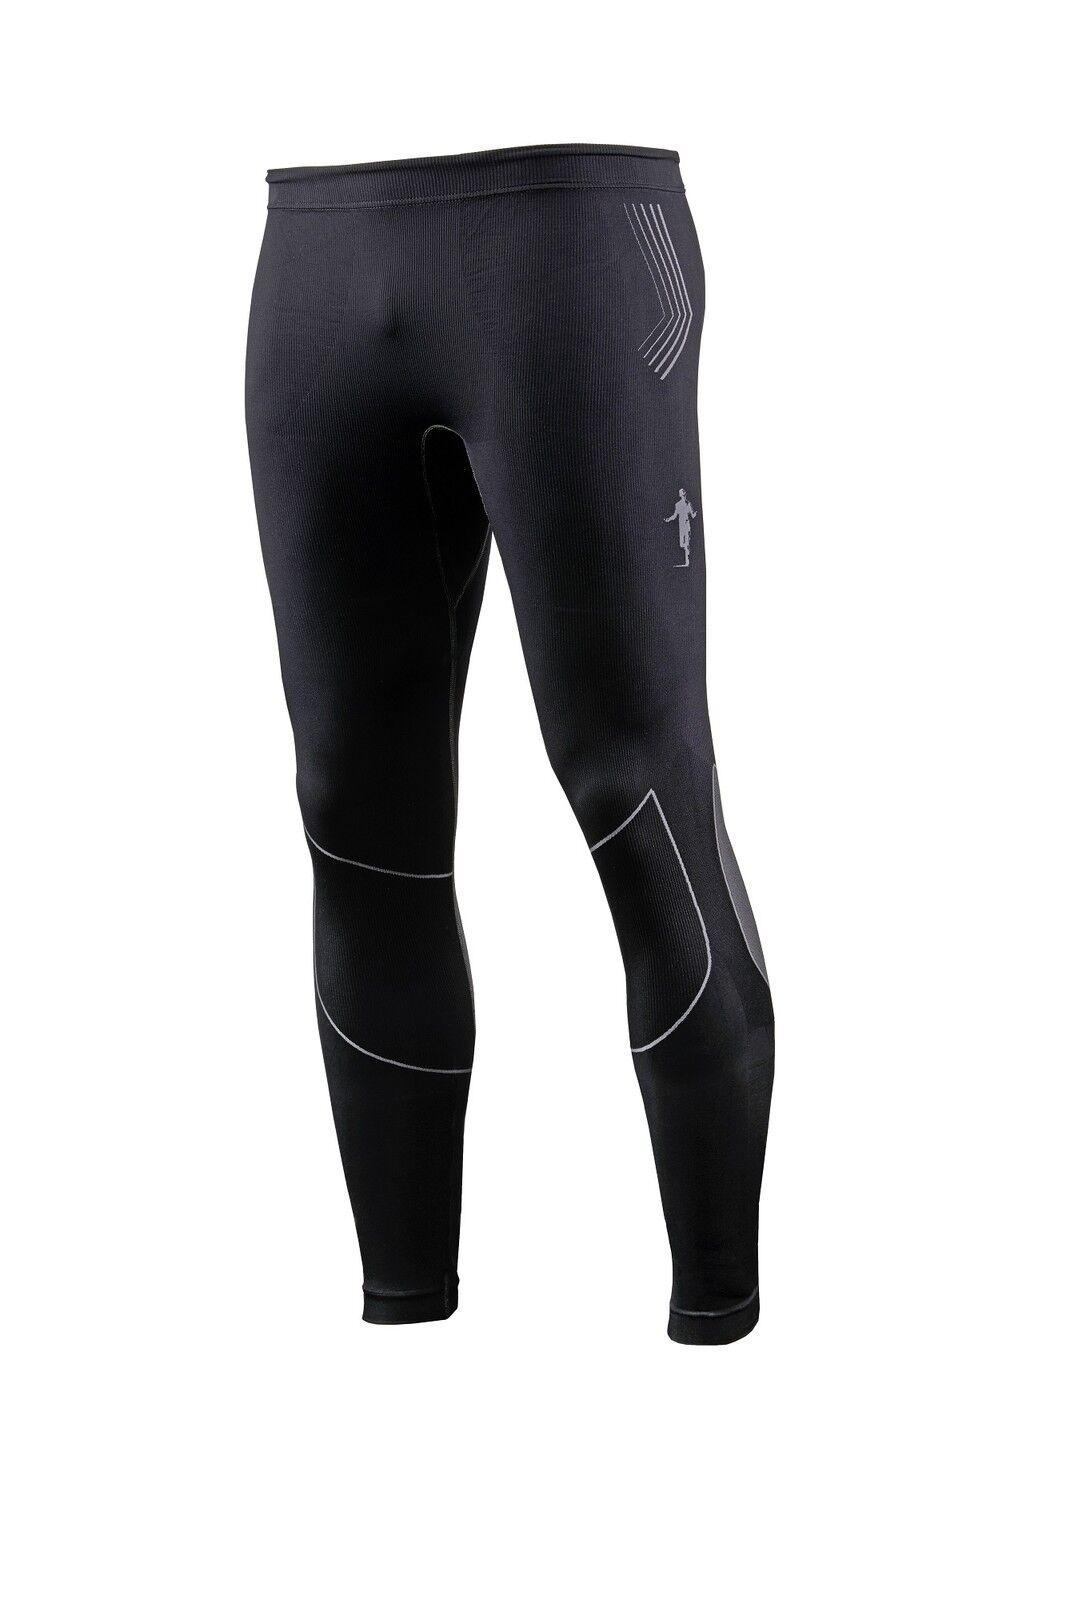 Thoni mara Largo tight durante  mucho tiempo de ejecución pantalones negro gris-fabricado en Alemania  tienda de bajo costo